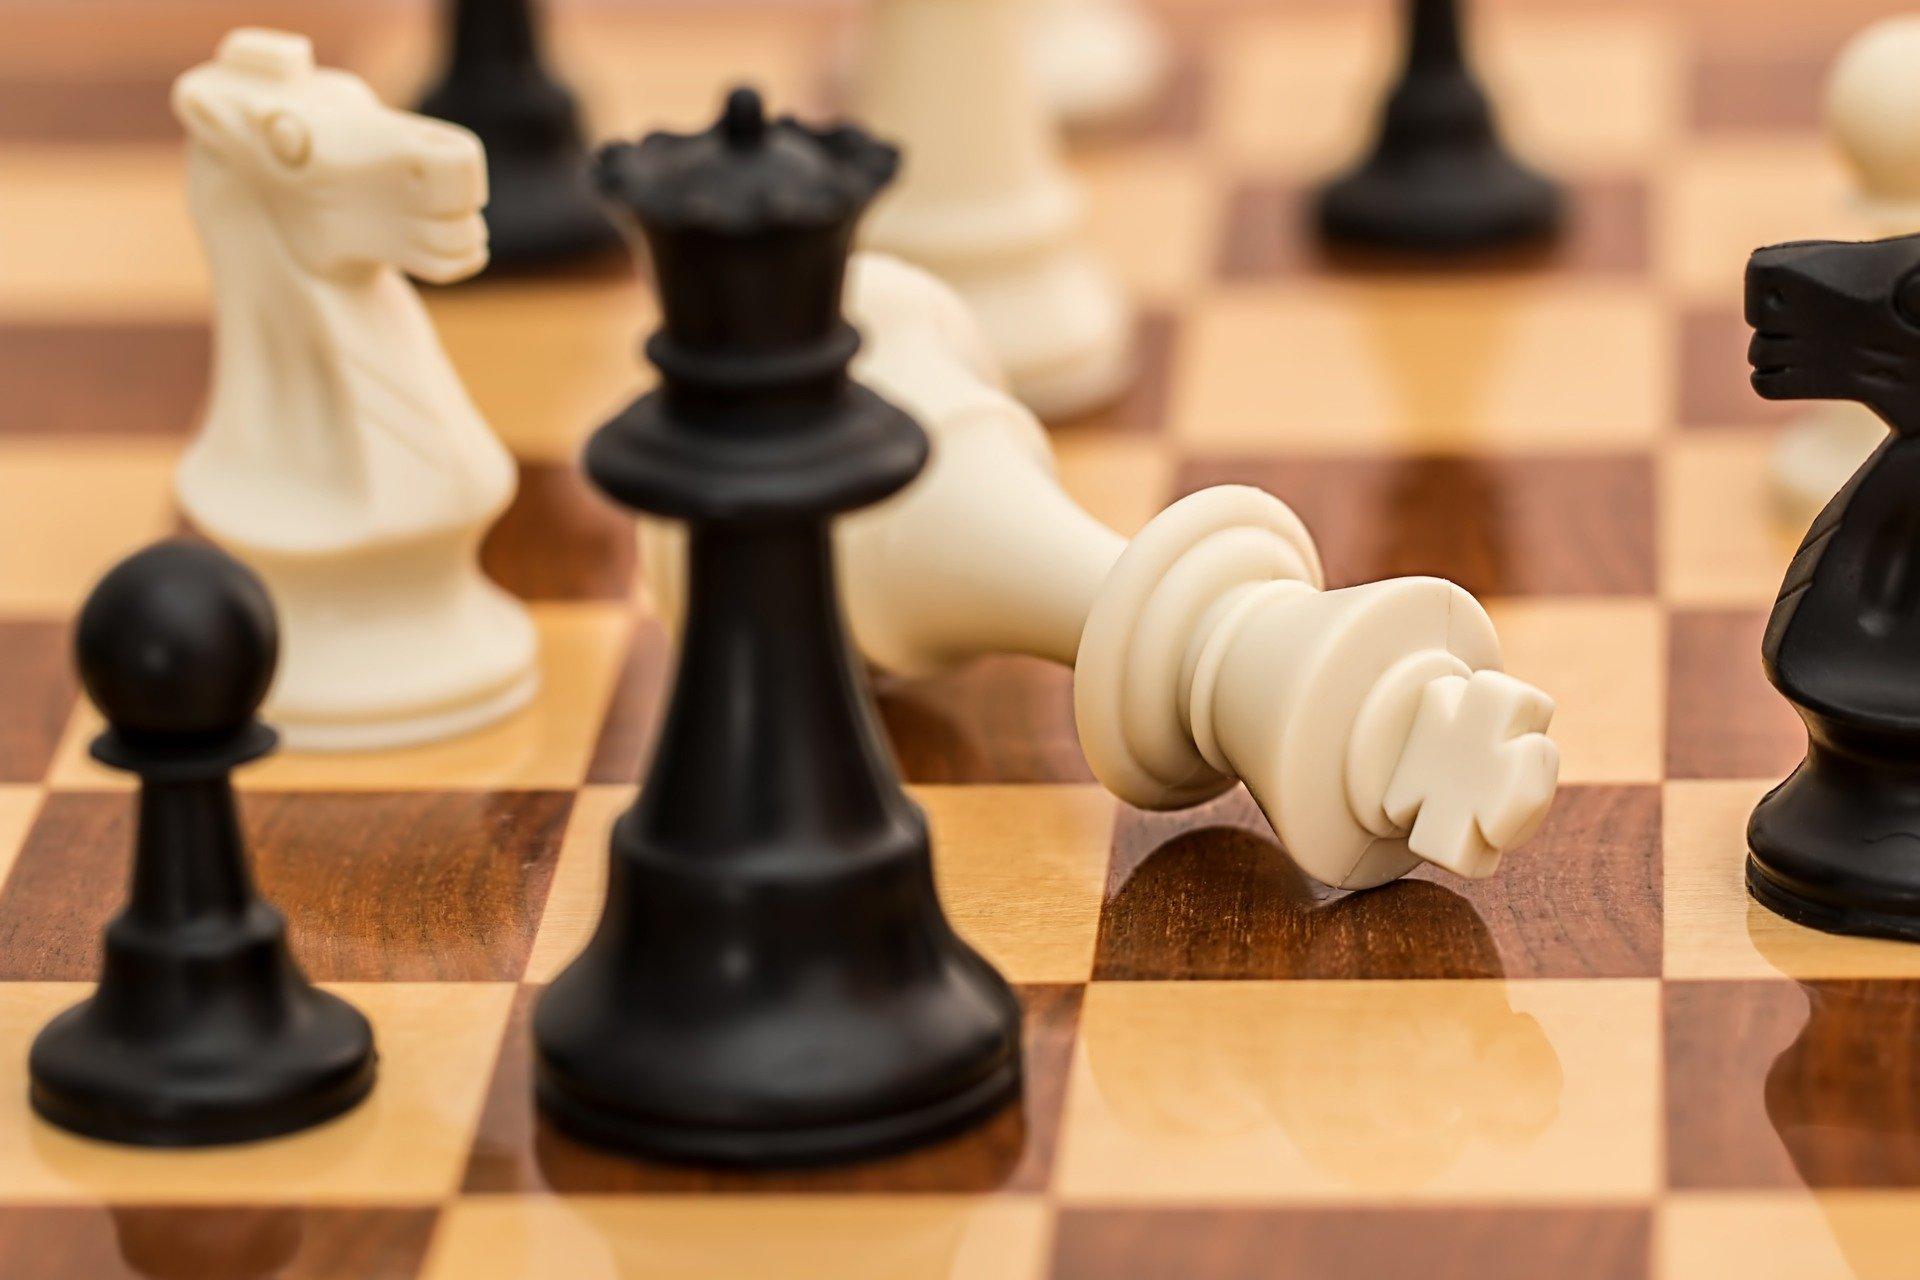 Vemos um tabuleiro de xadrez (imagem ilustrativa). Texto: franquias ideias para quem tem até 35 anos.